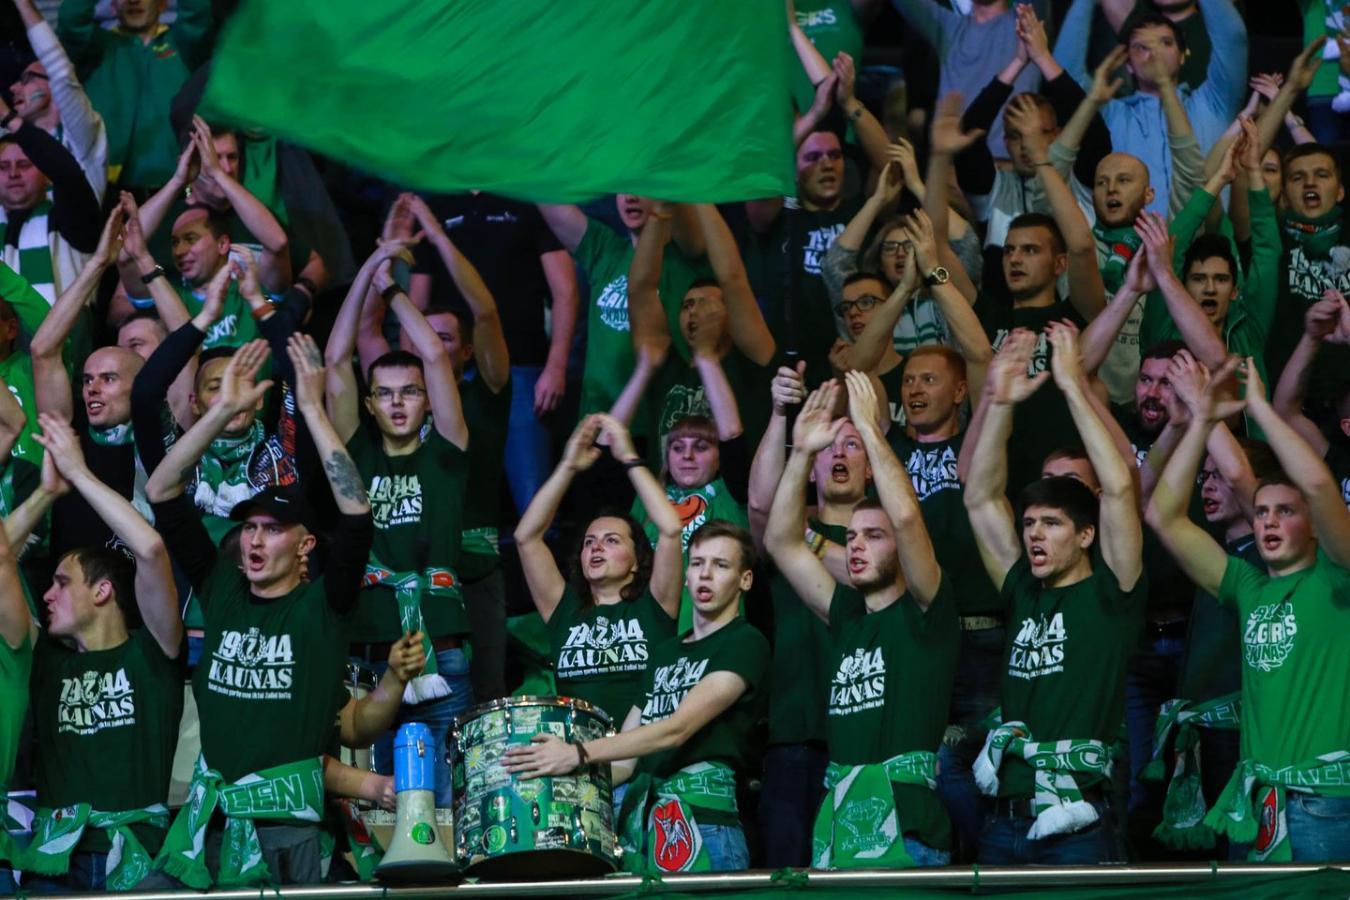 Η απίστευτη ατμόσφαιρα των οπαδών της Ζαλγκίρις (video)